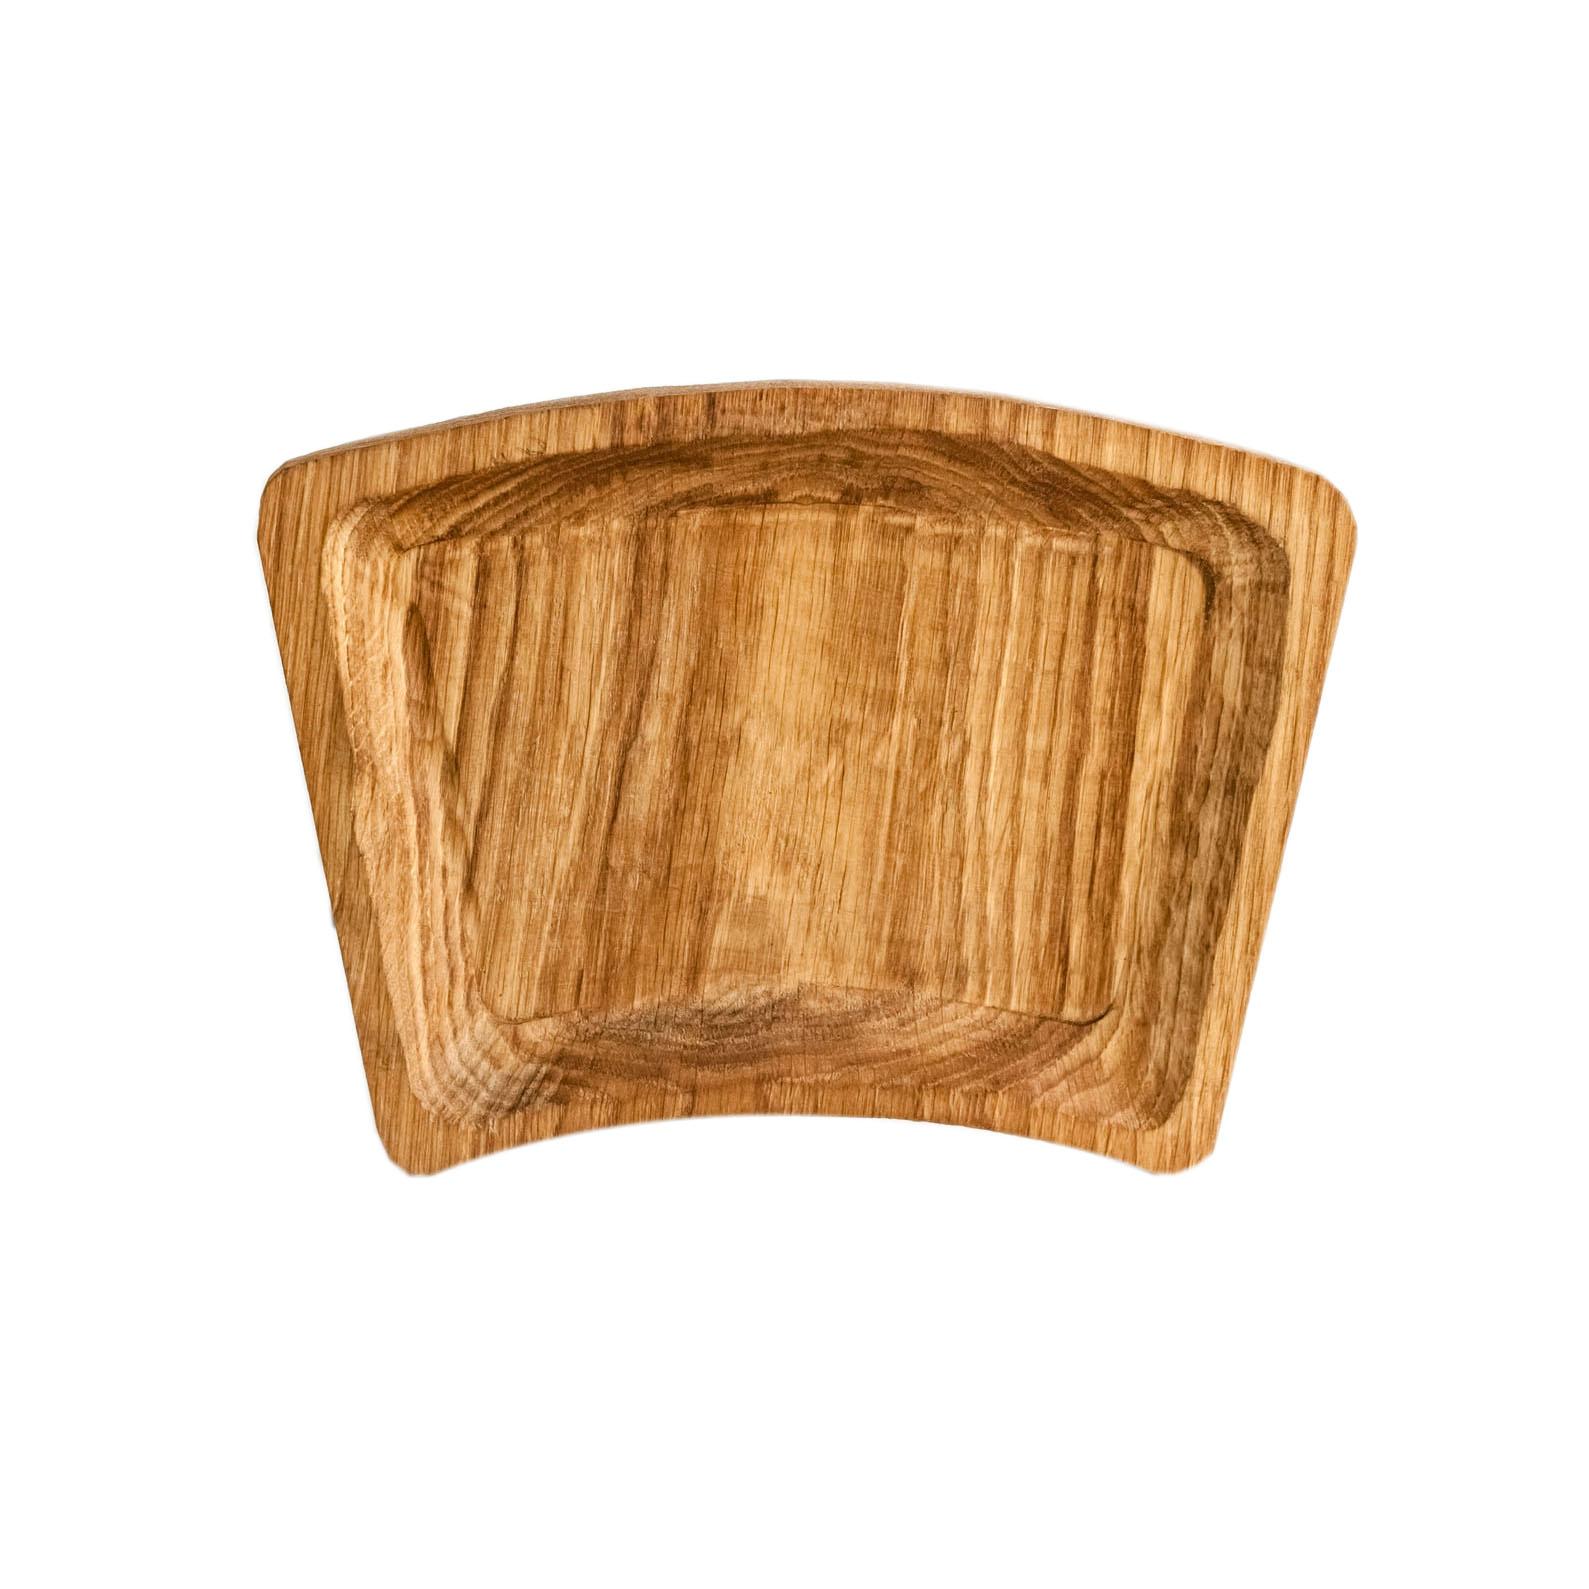 Тарелка ДугаДекоративные блюда<br>&amp;quot;Кика&amp;quot; - коллекция дубовых тарелок и плато для подачи, дополняющих друг друга. Сделана вручную. Покрытие: льняное масло. Ее внутренняя поверхность идеально зашлифована. При необходимости можно обновлять покрытие, протерев поверхность тряпочкой, смоченной льняным маслом. После влажной обработки ее нужно протирать полотенцем. Тарелка не предназначена для длительного хранения жидкостей. Из-за специфики ручного труда все предметы отличаются друг от друга.<br><br>Material: Дуб<br>Length см: 26<br>Width см: 20<br>Depth см: 0,5<br>Height см: 3